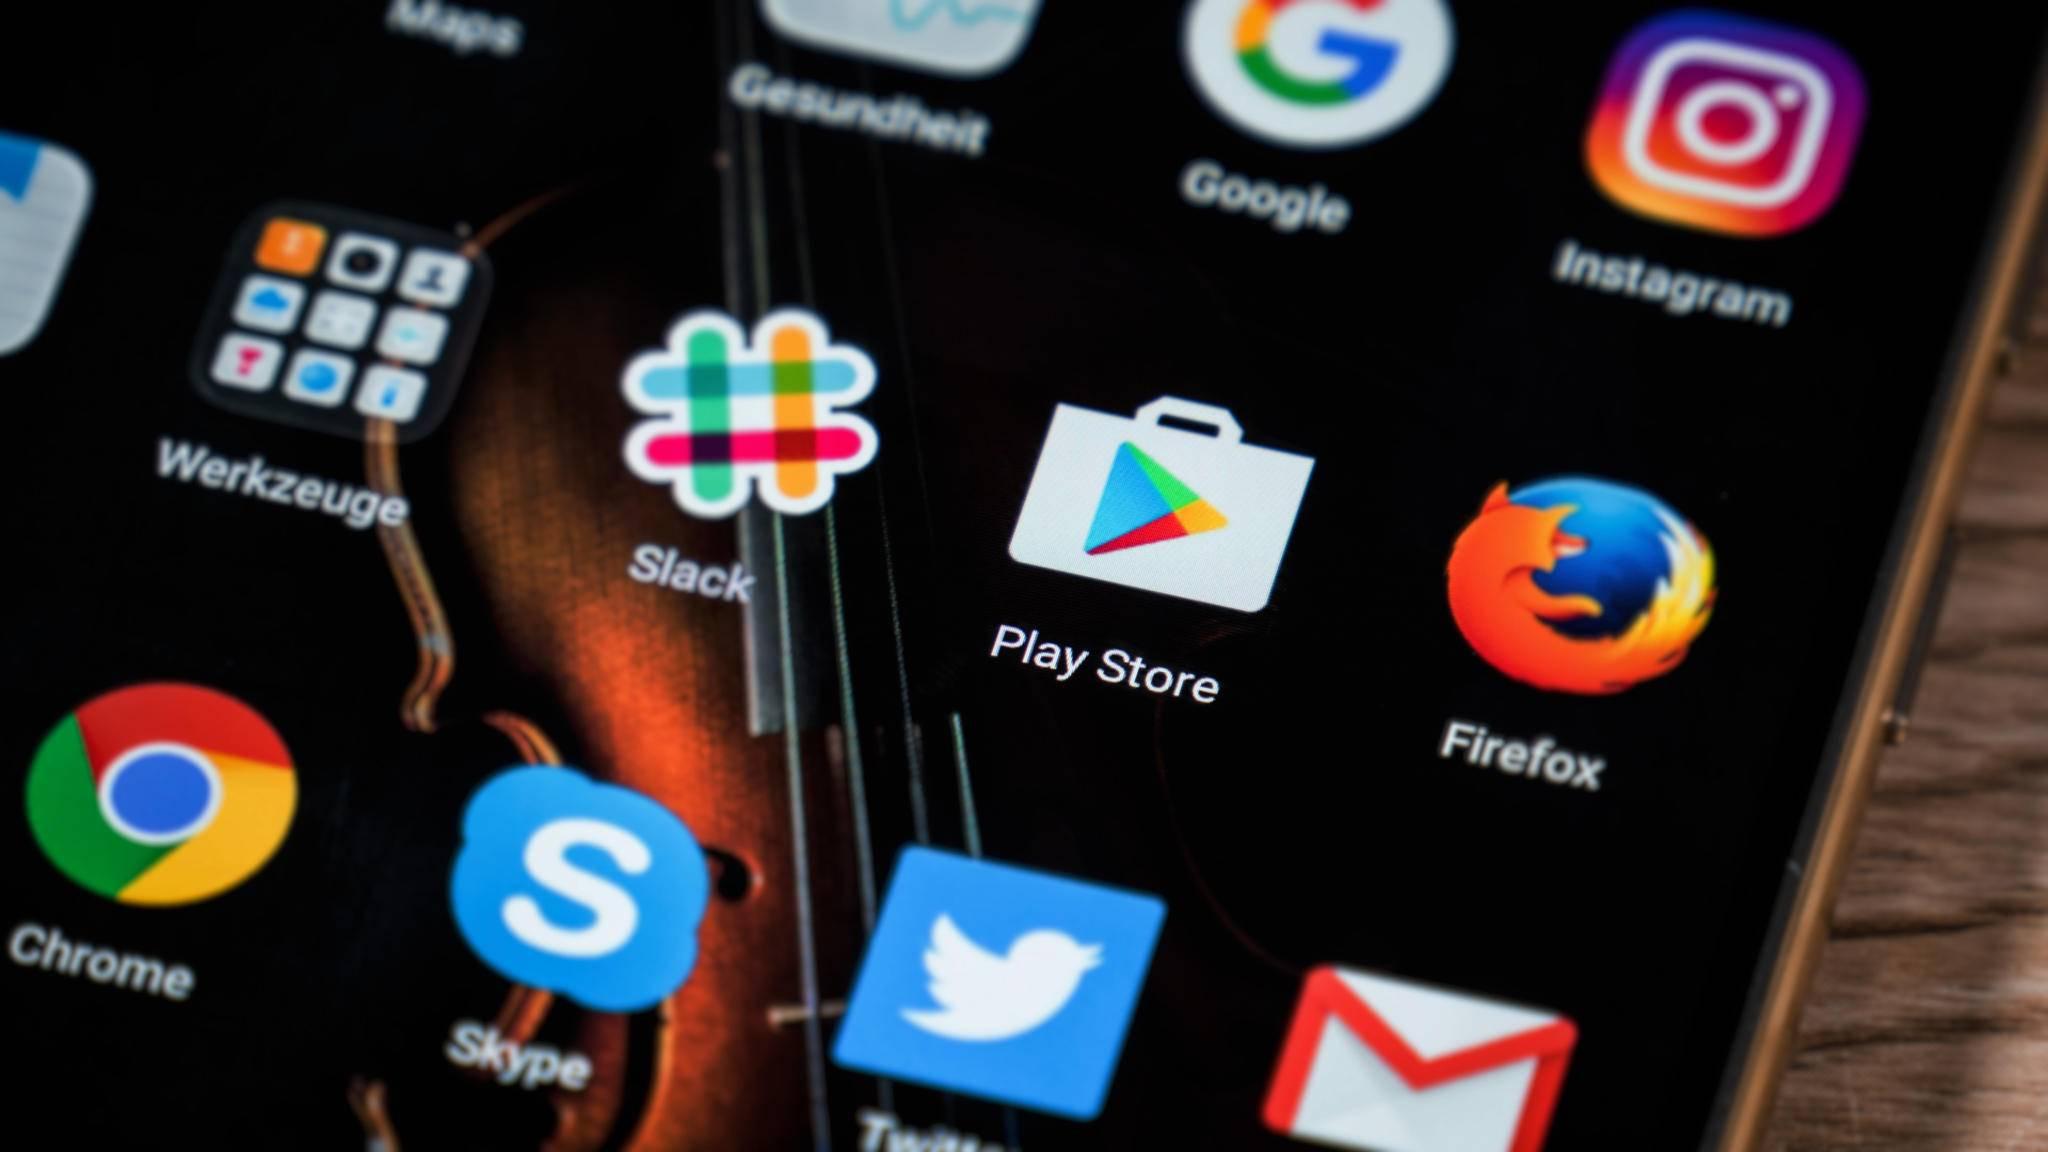 Beim Fehler RH-01 im Google Play Store gibt es verschiedene Lösungen.